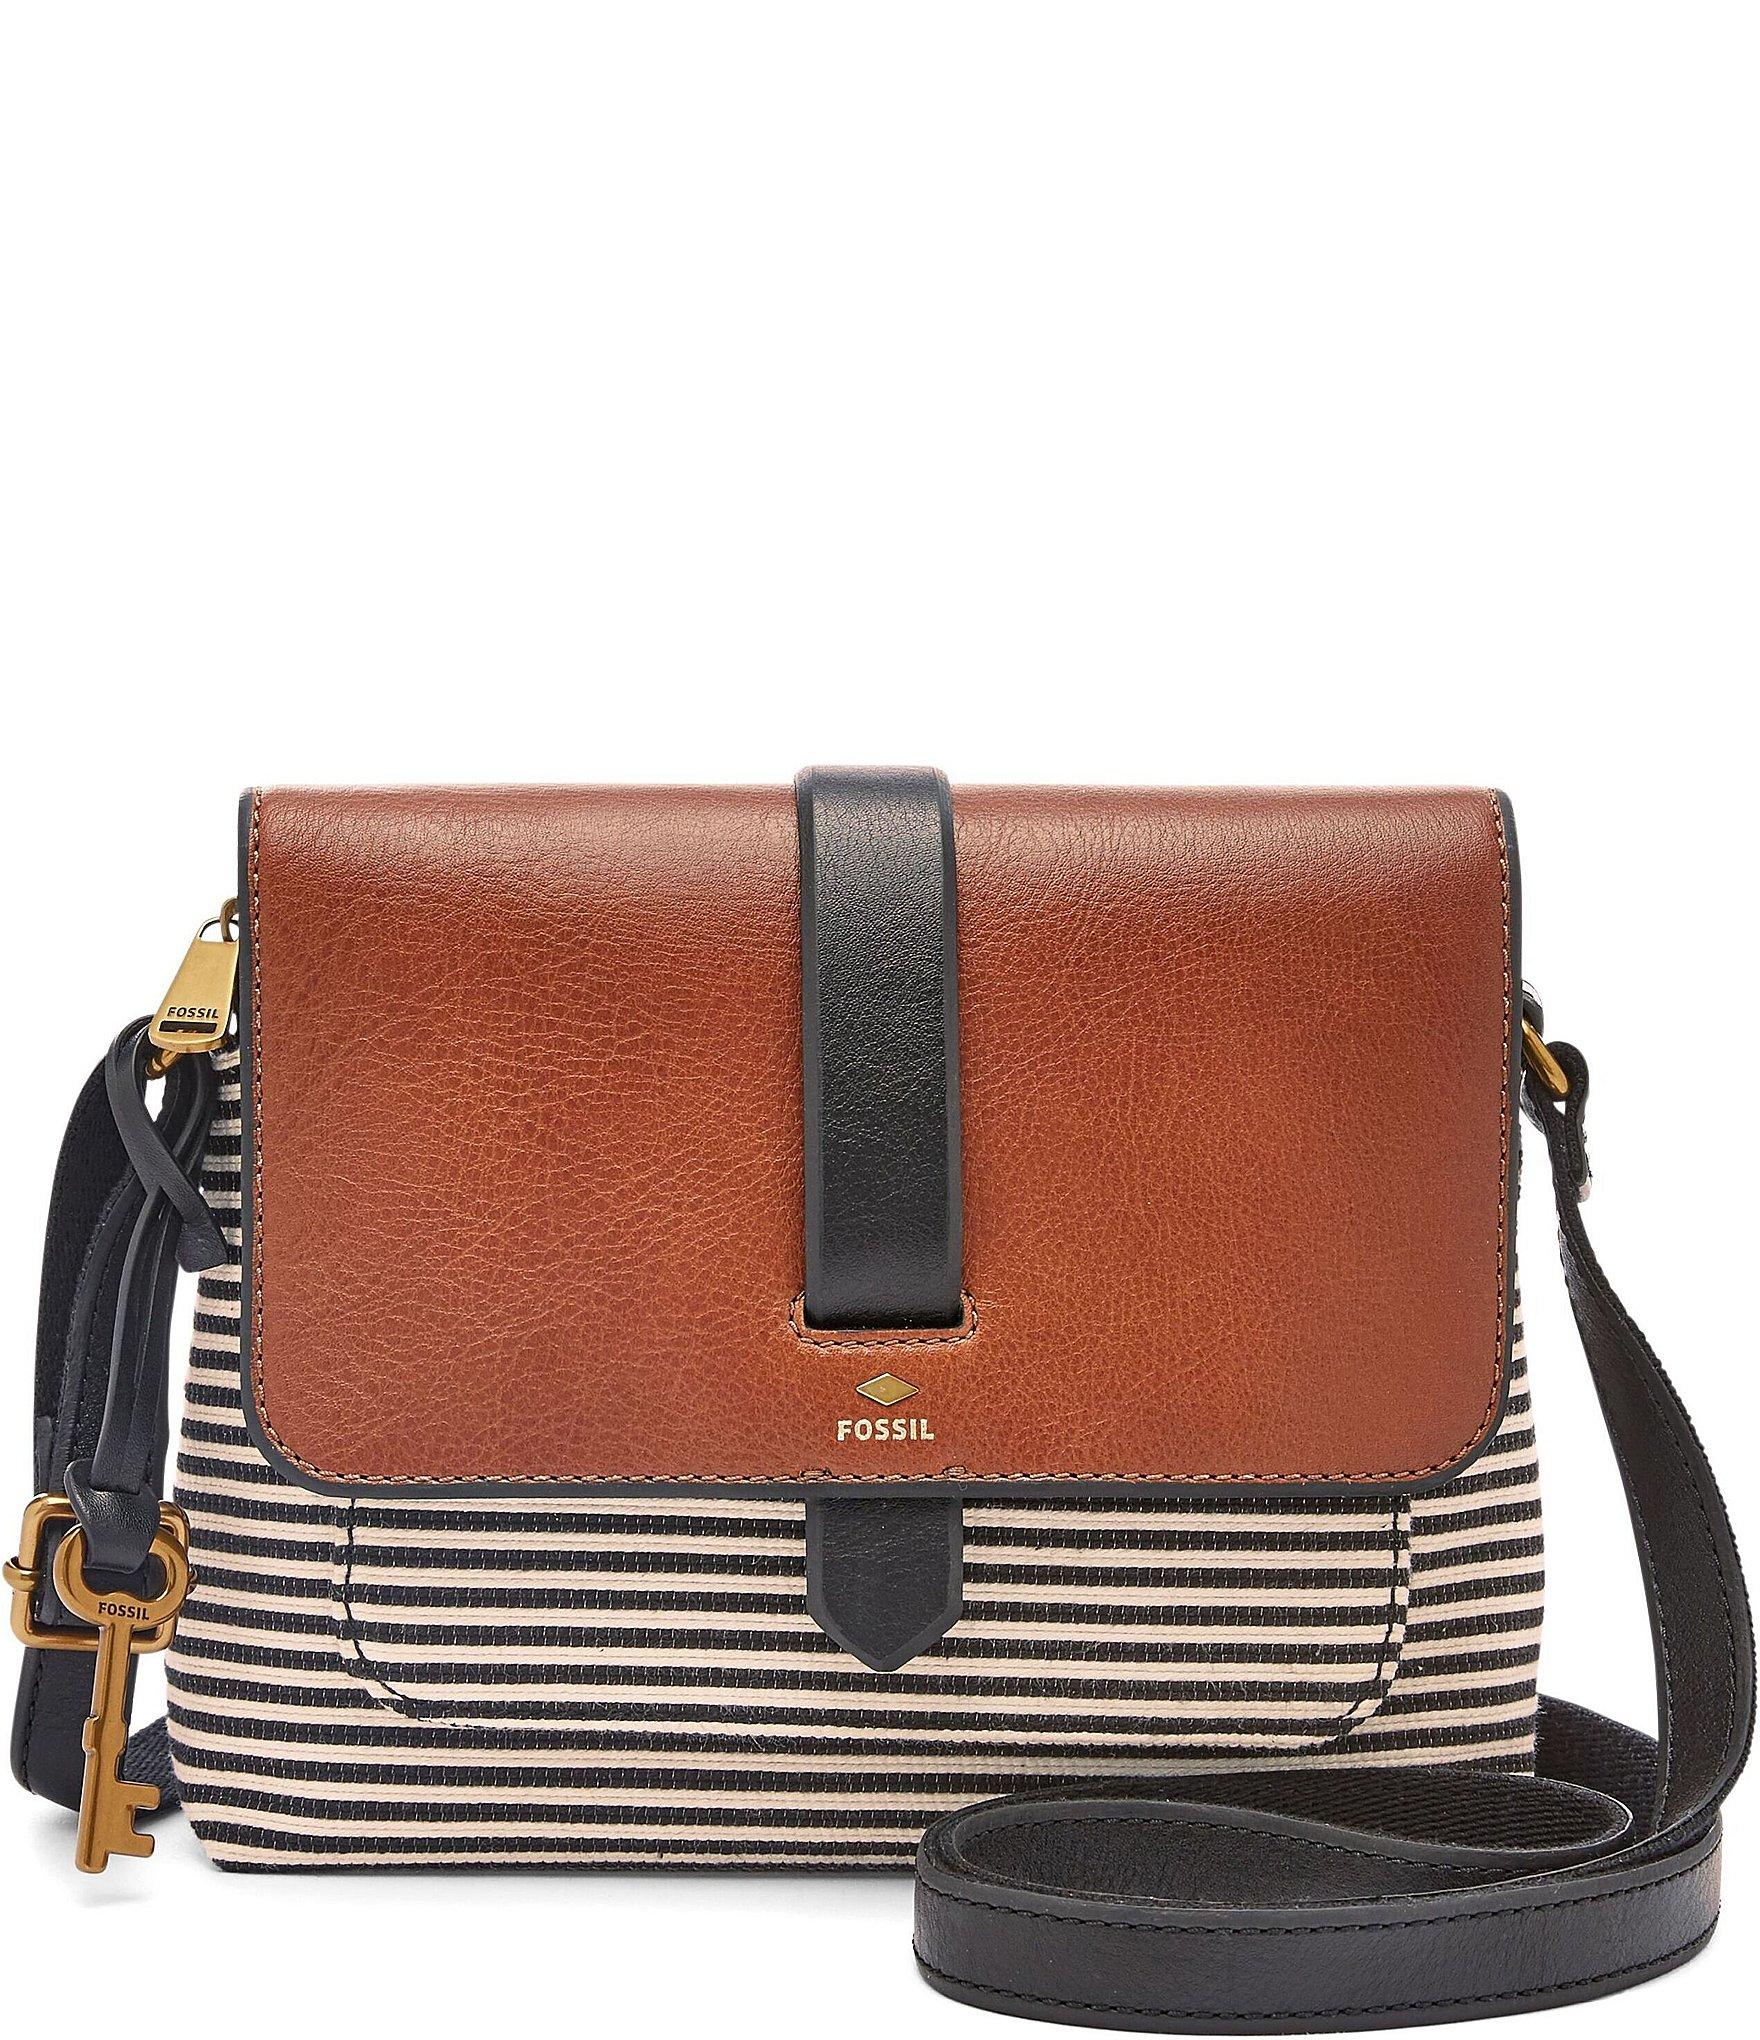 d92cf97654 Fossil Handbags